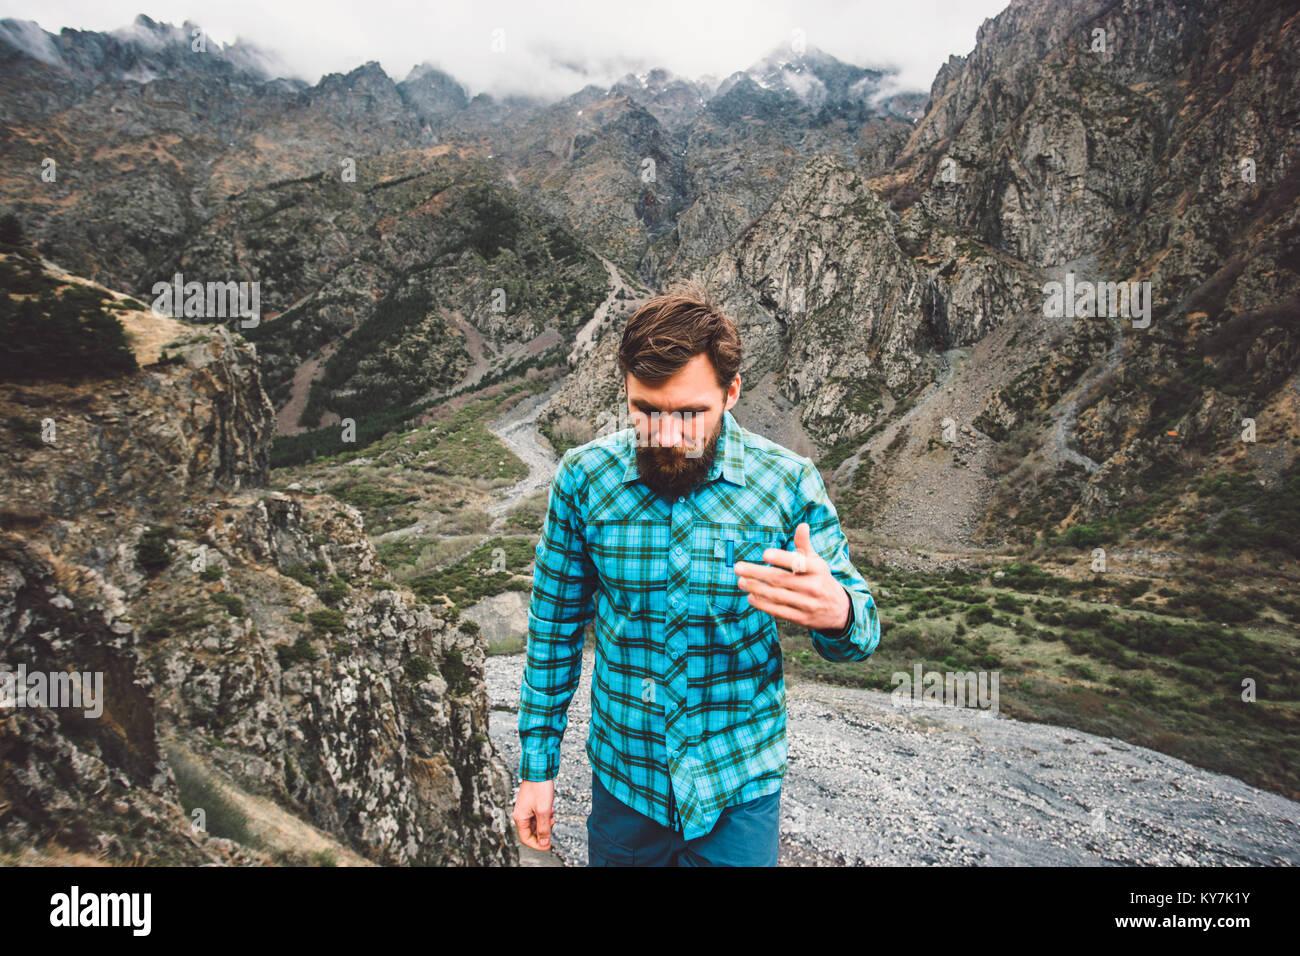 Hombre Barbado caminando en las montañas Aventura en concepto de estilo de vida activo el fin de semana de las vacaciones Foto de stock